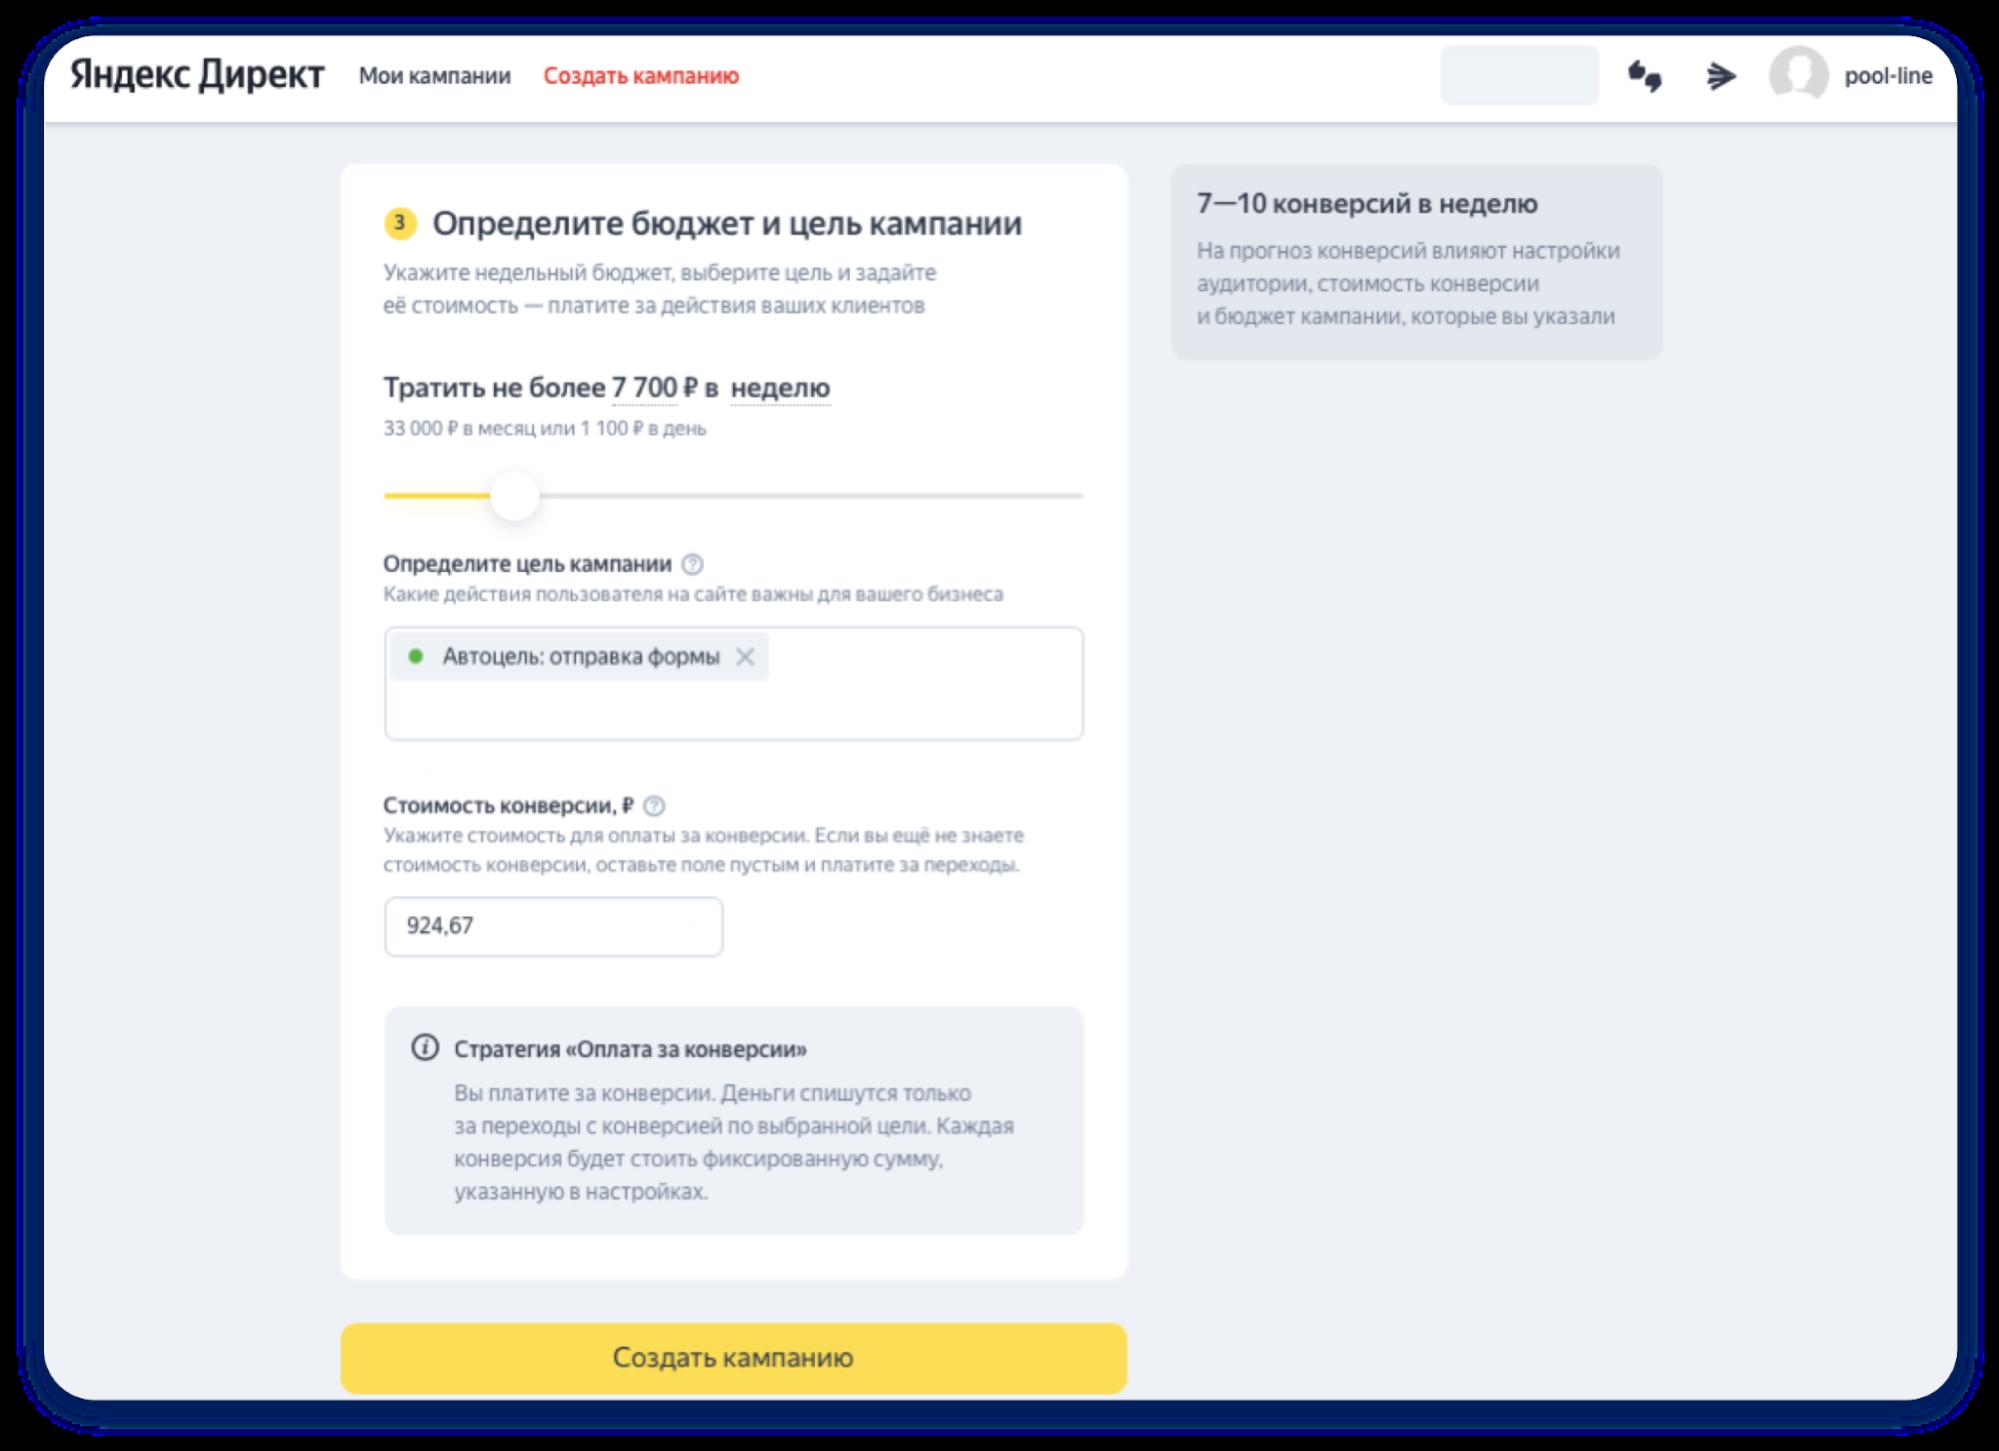 Как настроить Мастер кампаний в Яндекс Директ: шаг 6